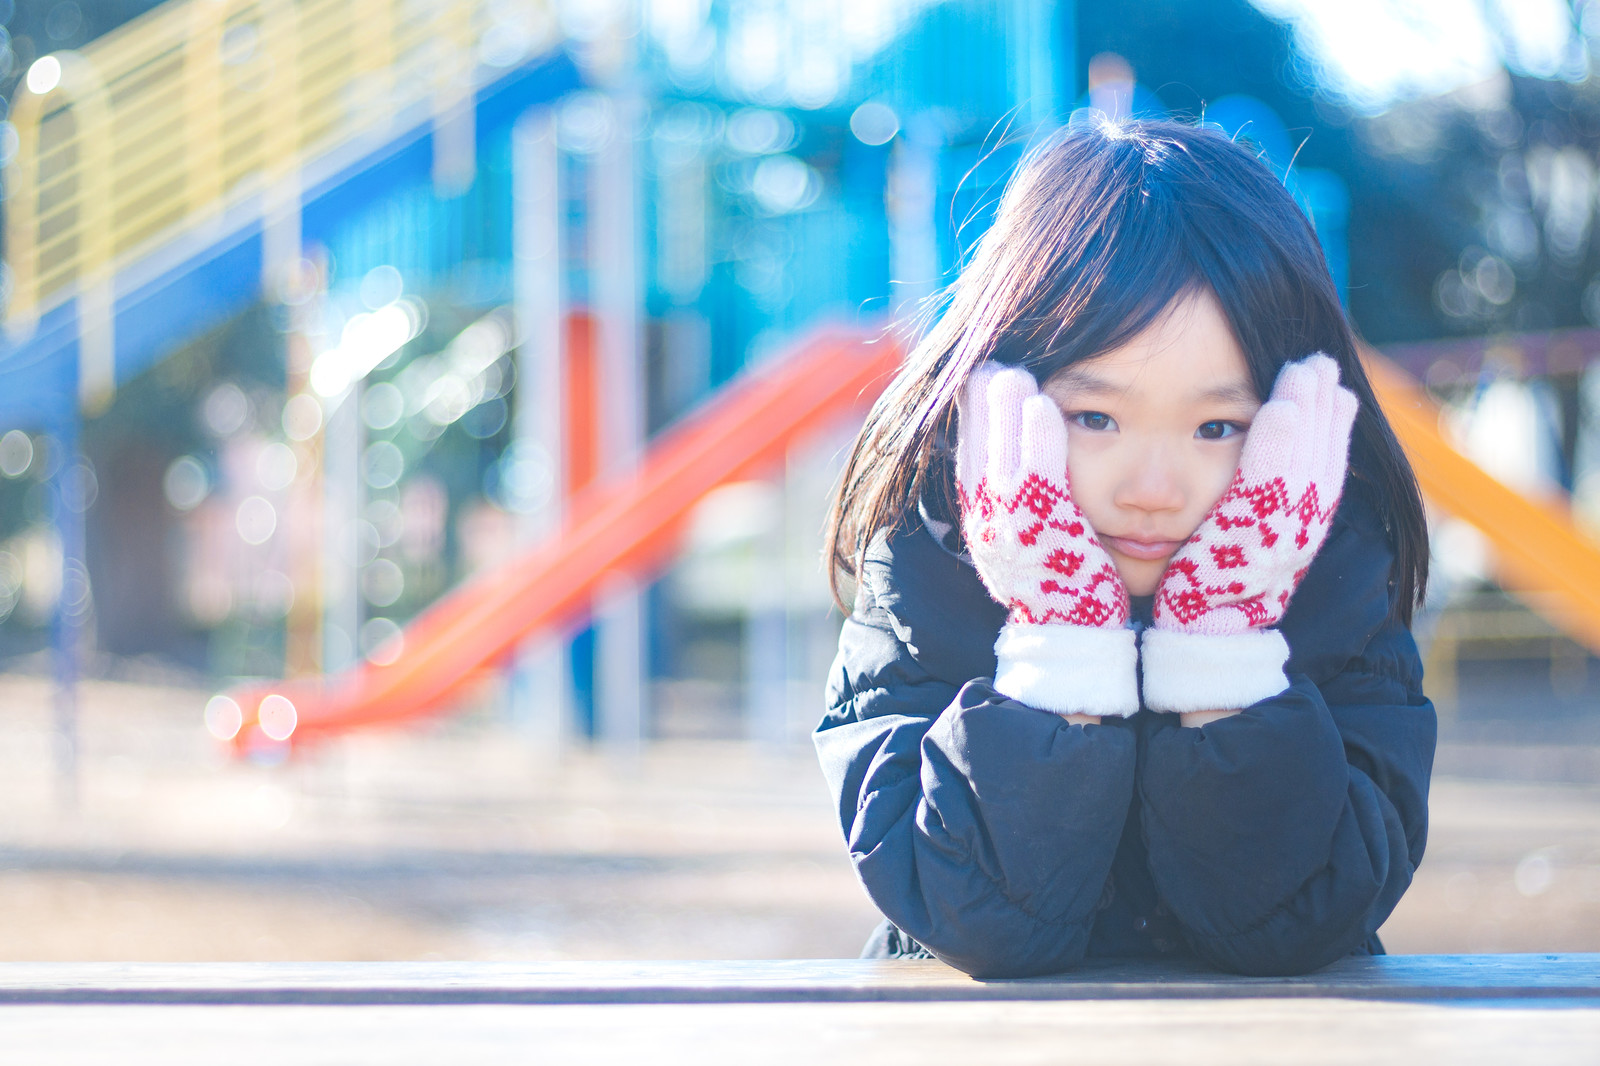 「寒くてほっぺをおさえる女の子」の写真[モデル:あんじゅ]